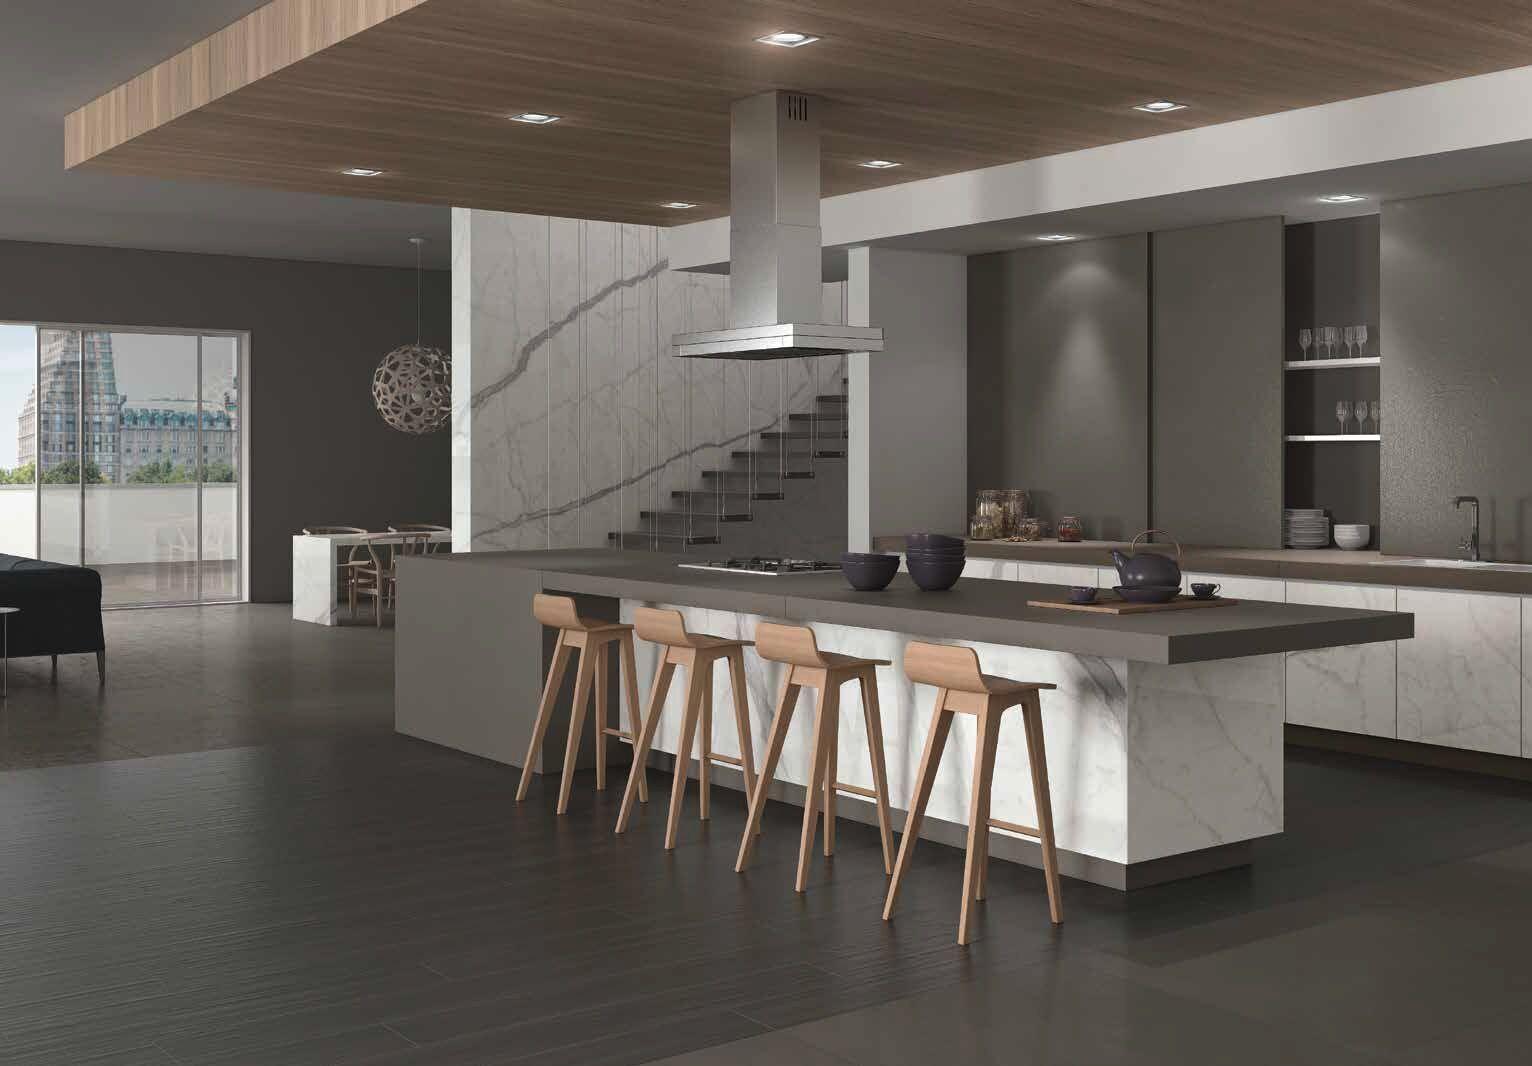 Küche und Arbeitsplatten